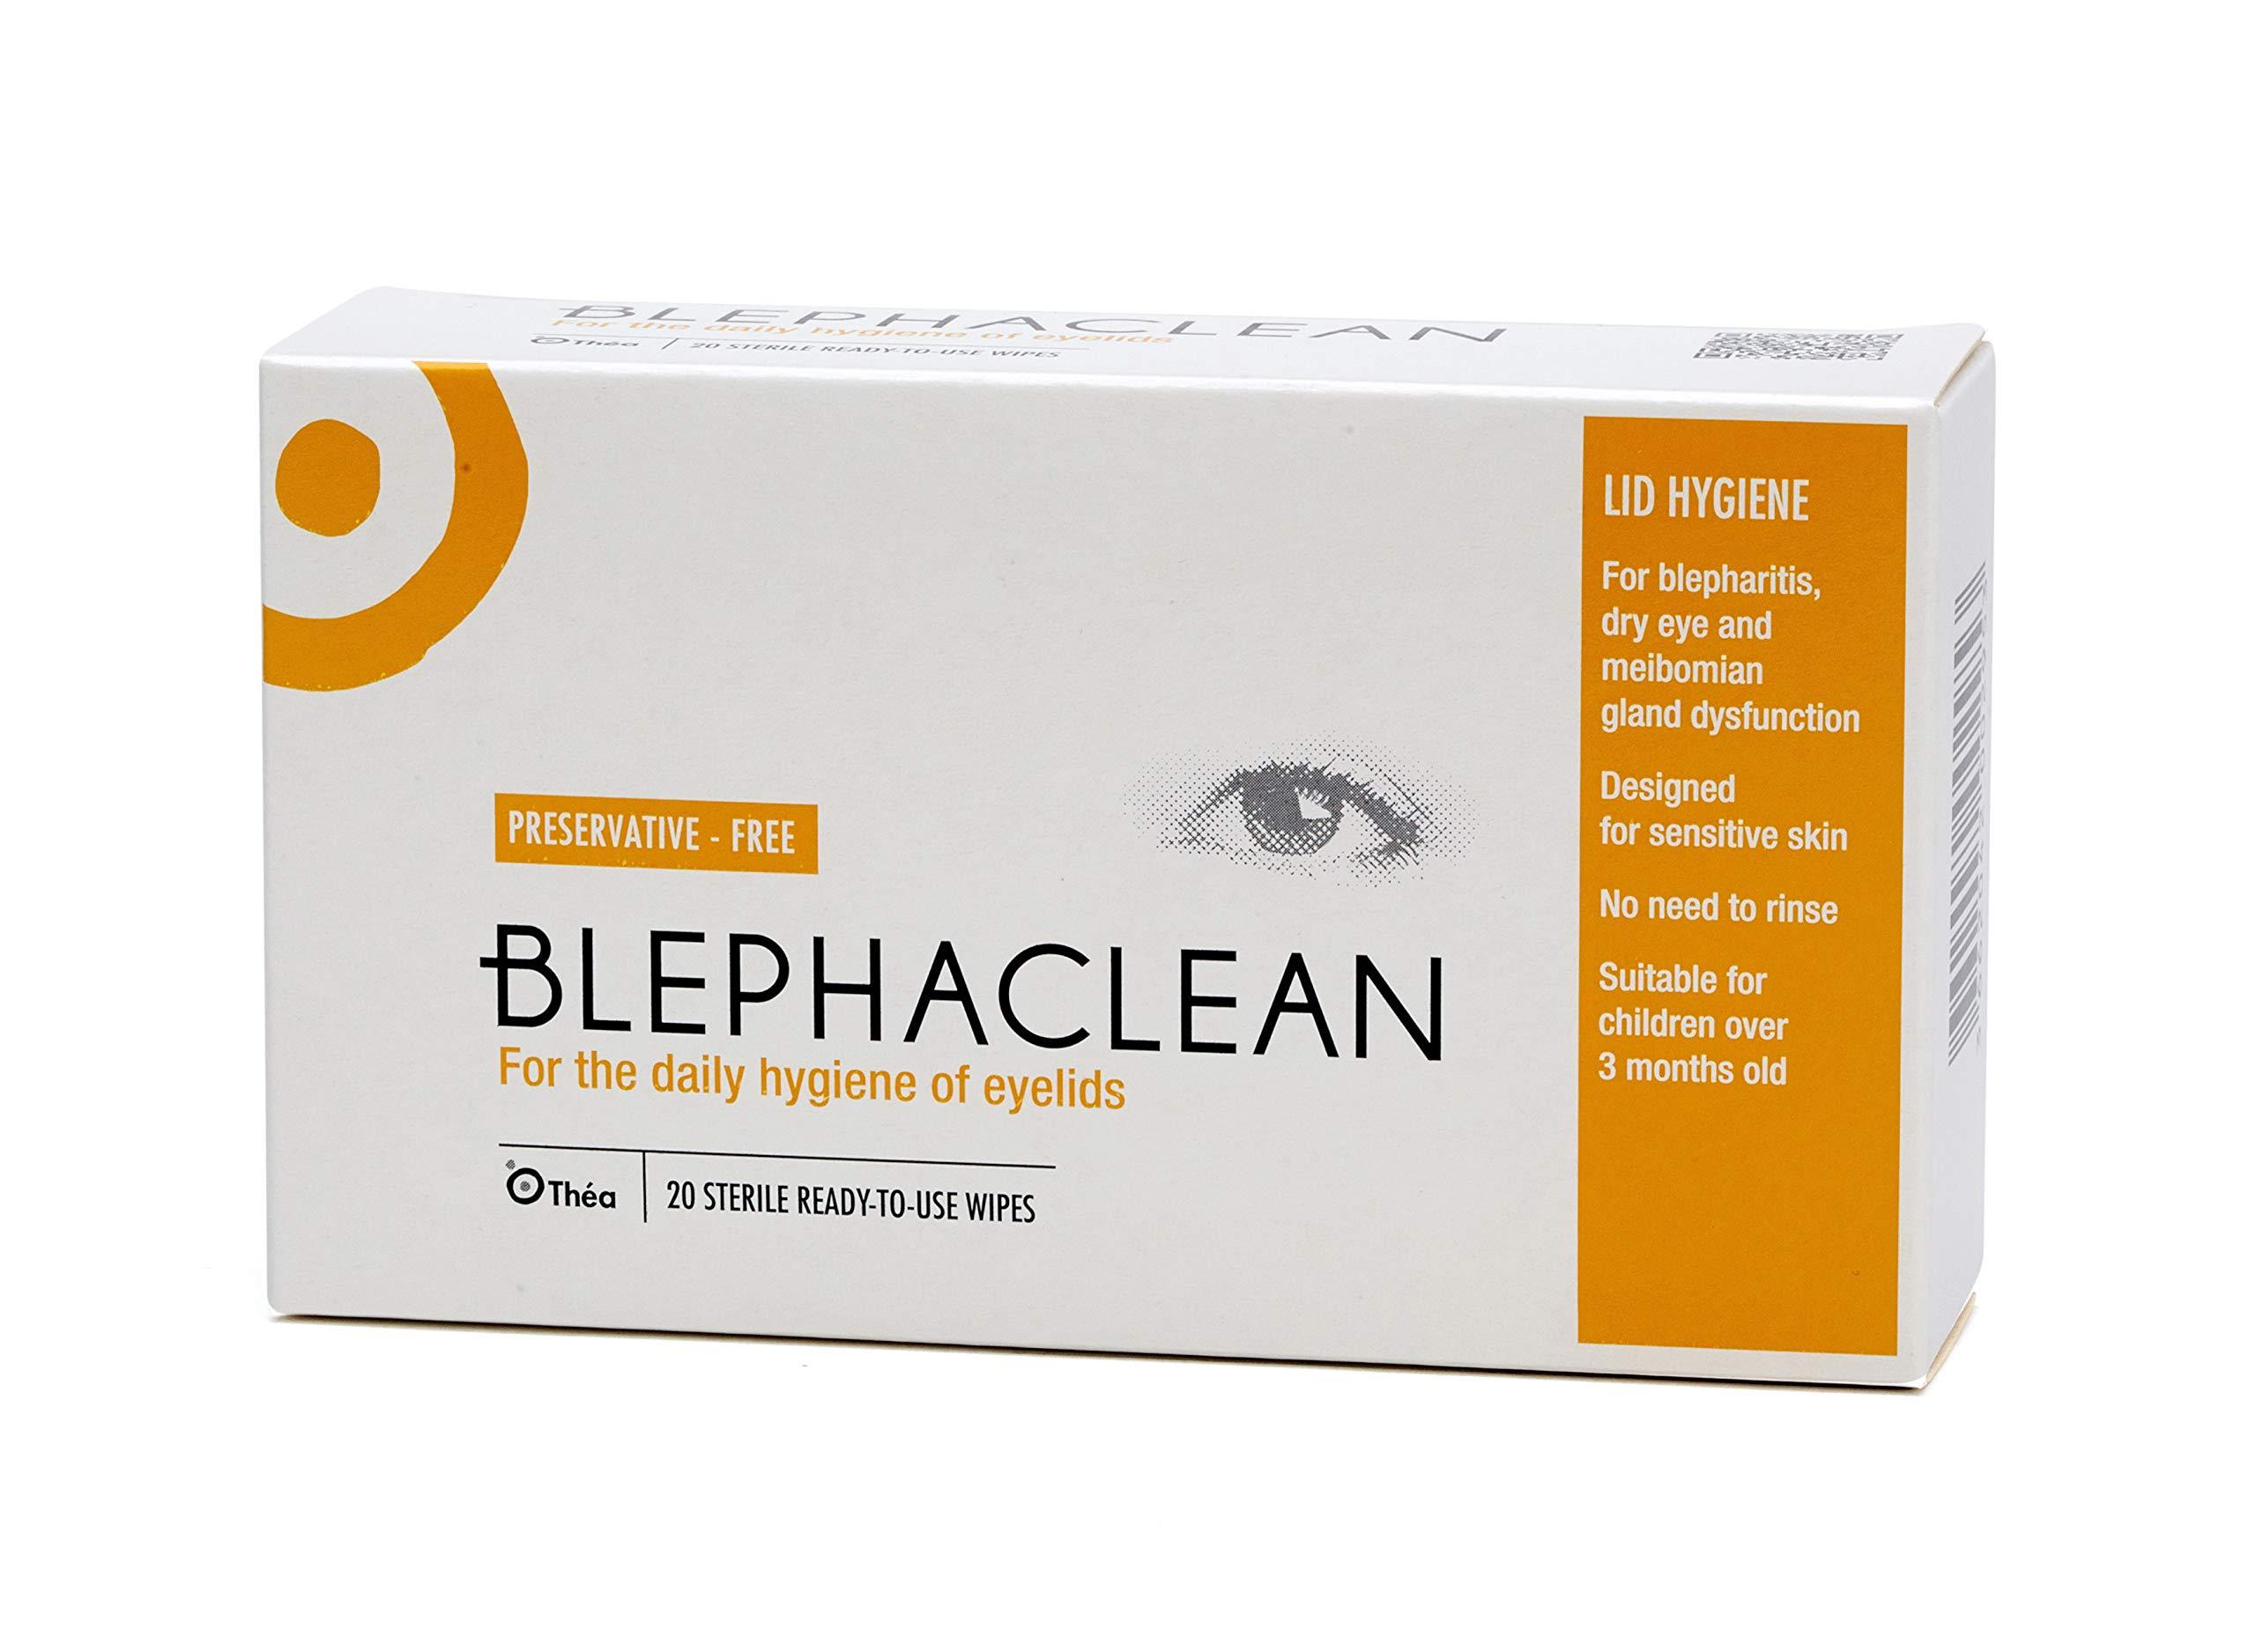 SIX PACKS of Blephaclean Preservative Free 20 Sterile Eyelid Wipes